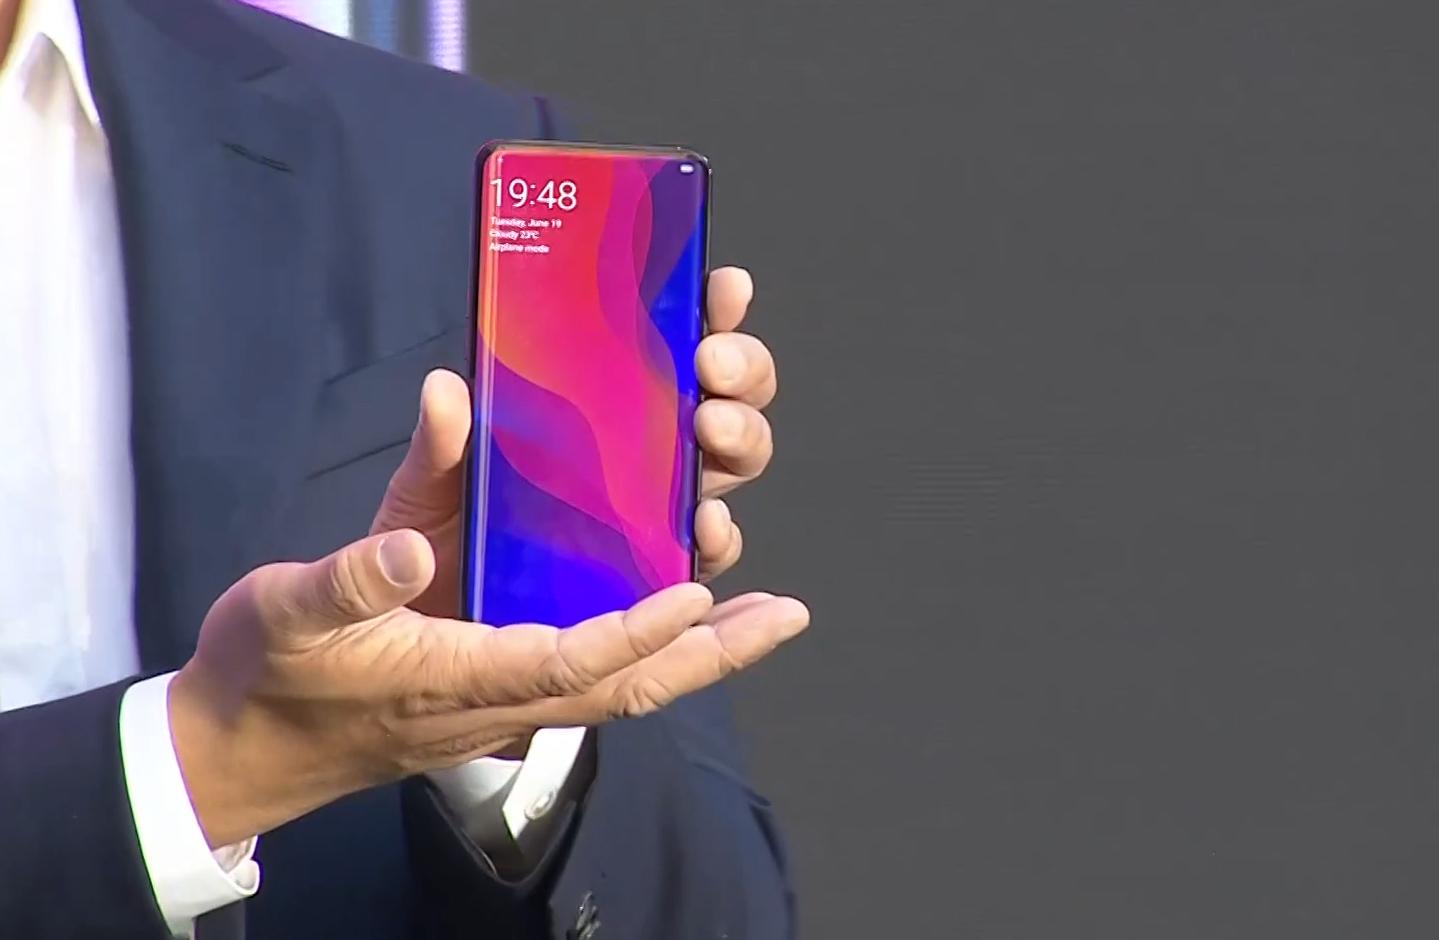 OPPO Find X正式发布!号称世上屏占比最高的手机 Find X功能介绍